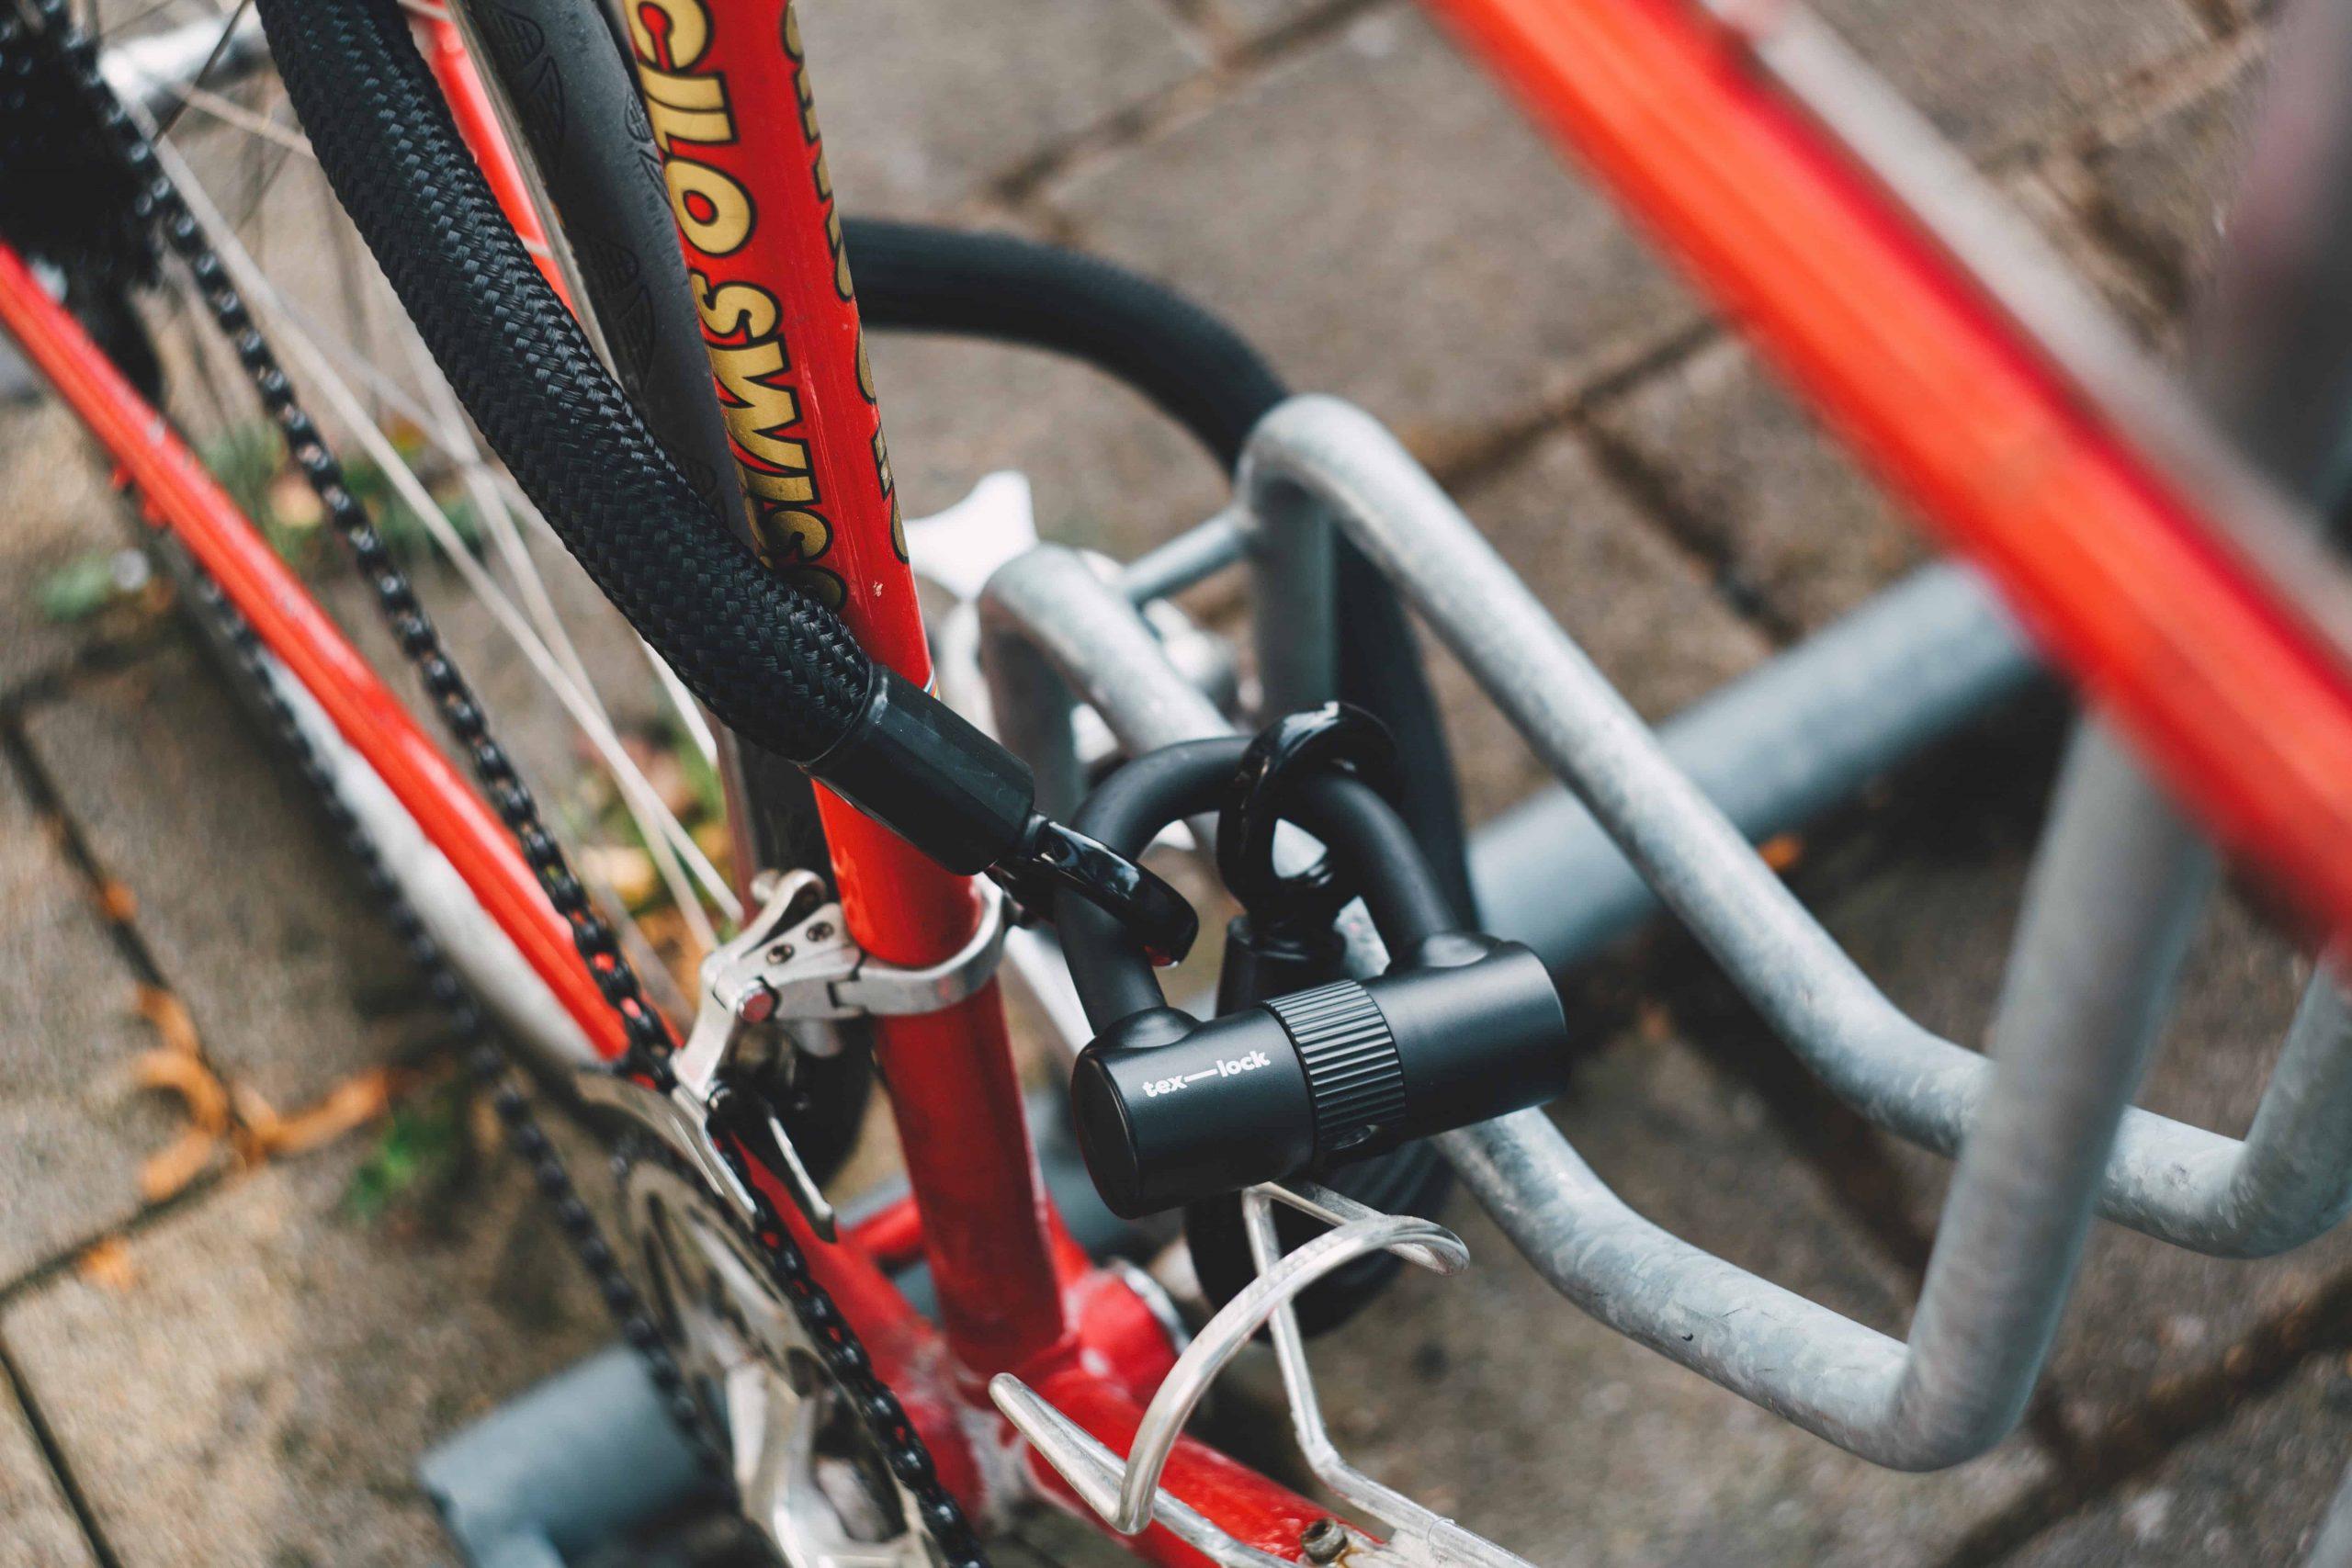 Sicheres Fahrradschloss: Test & Empfehlungen (04/21)